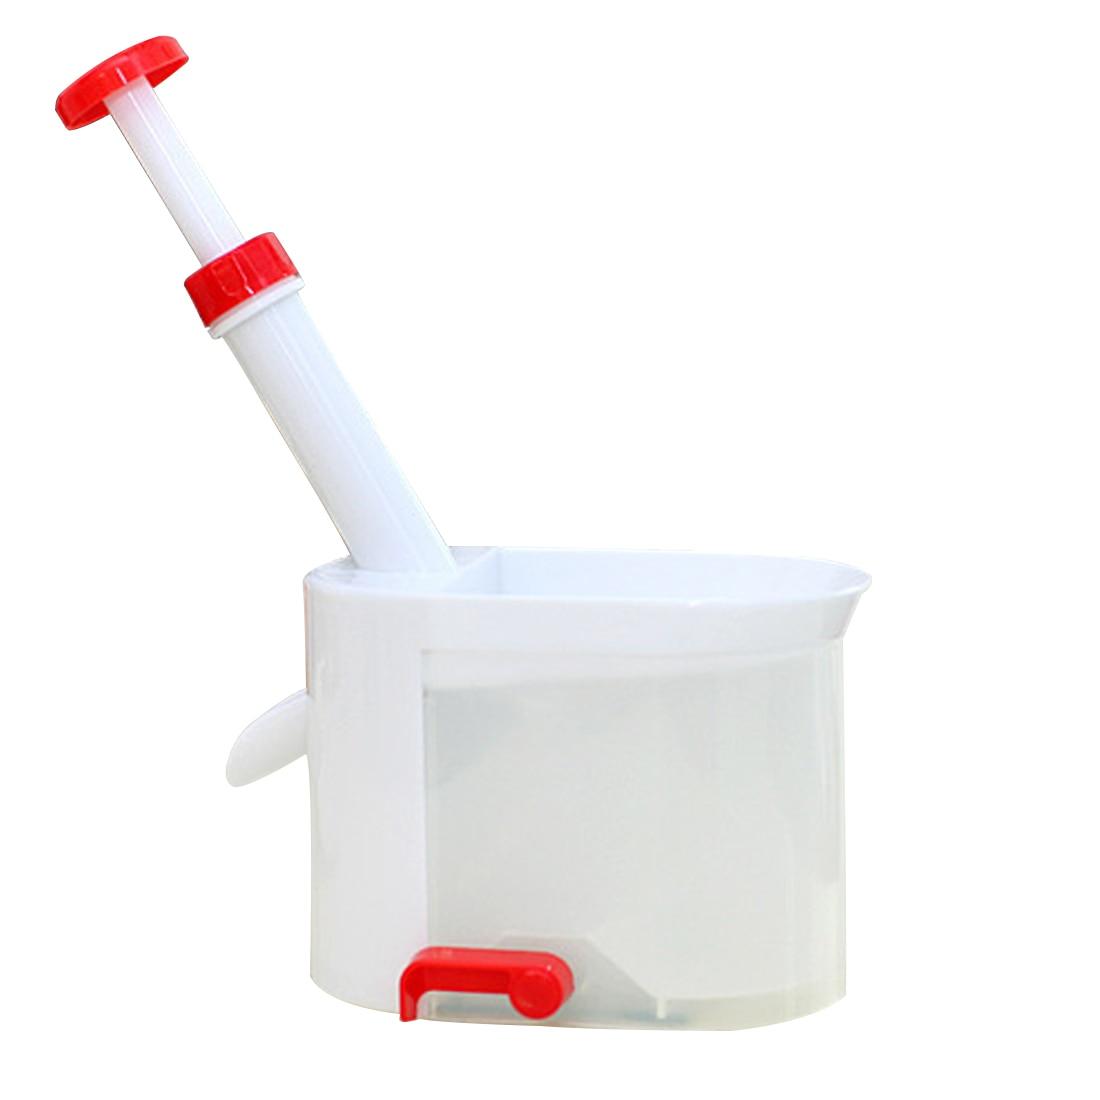 Bester Verkauf Cherry Pitter Seed Remover Maschine Kirschen Corer mit - Küche, Essen und Bar - Foto 5